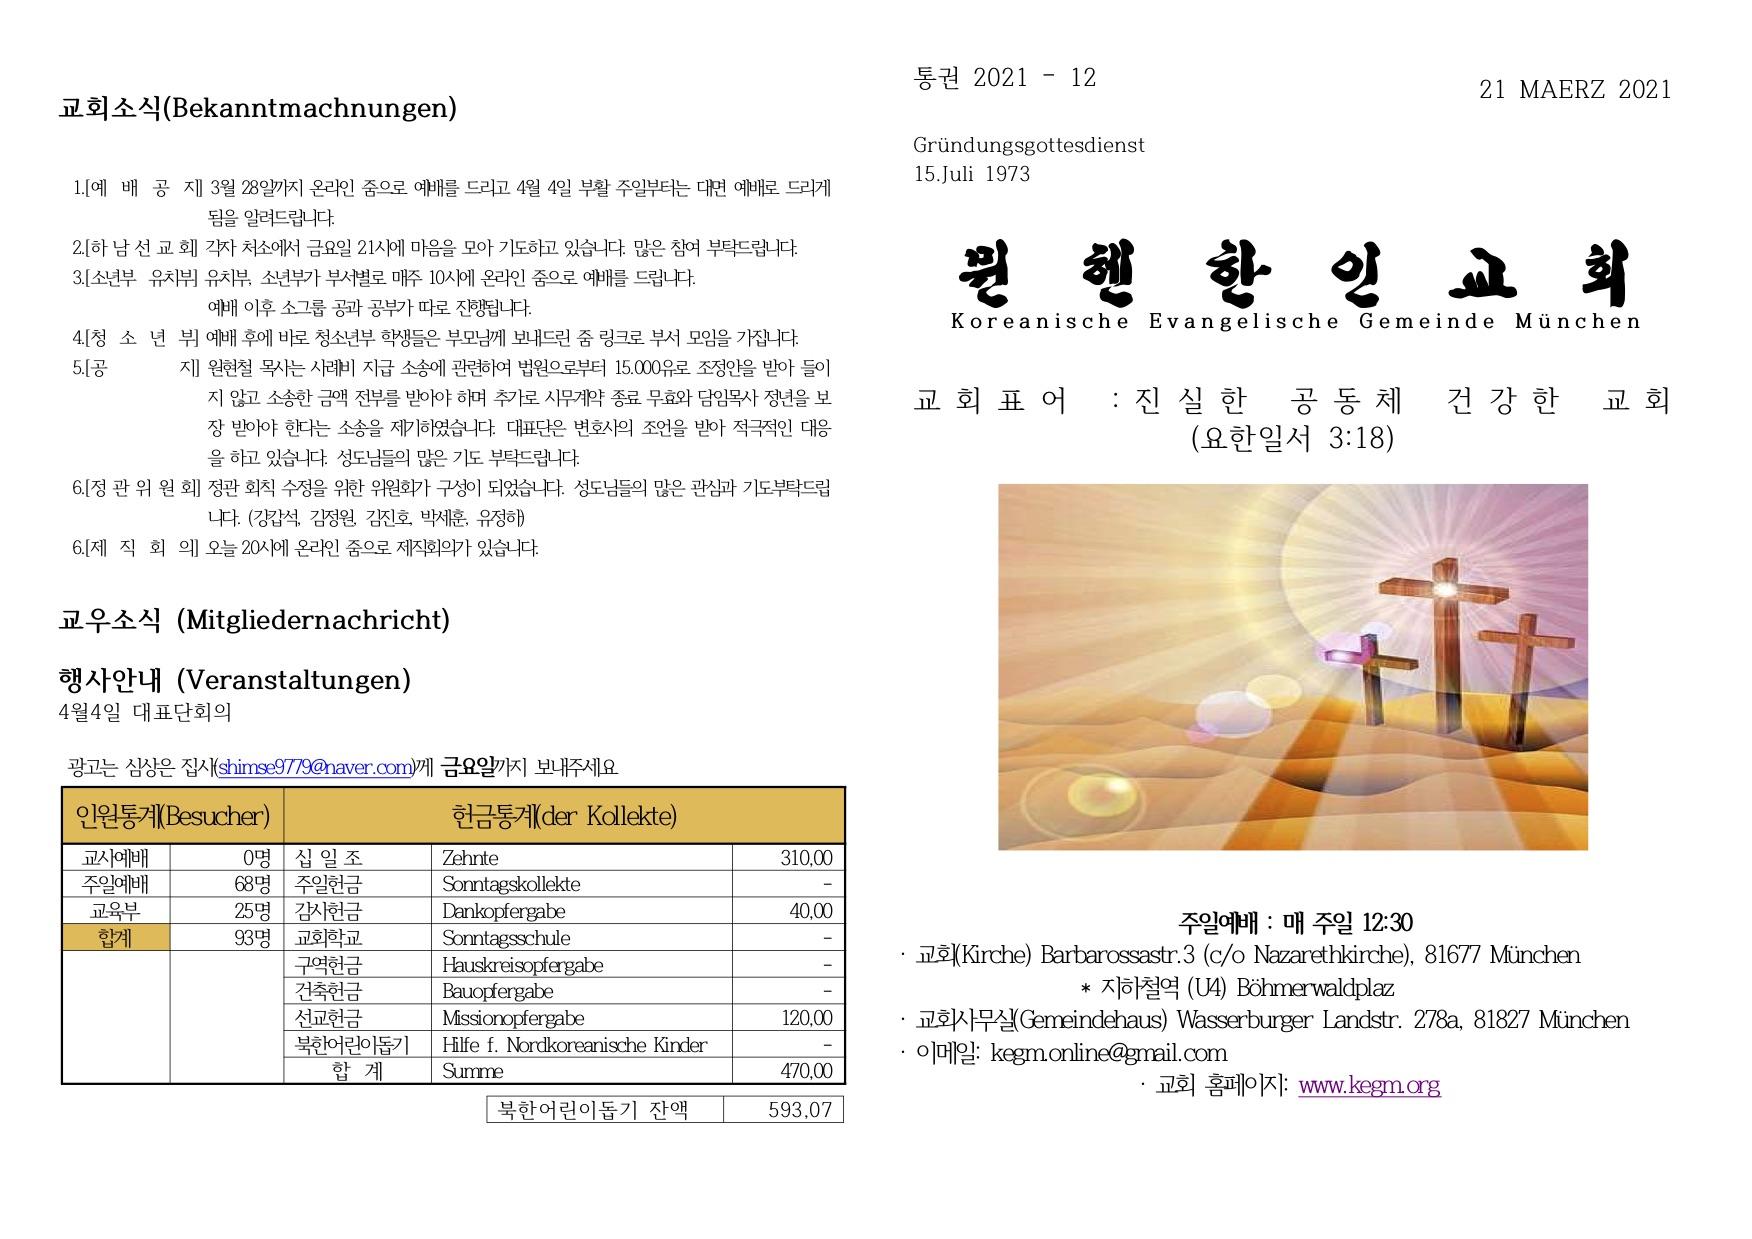 20210321_bulletin_1.jpg